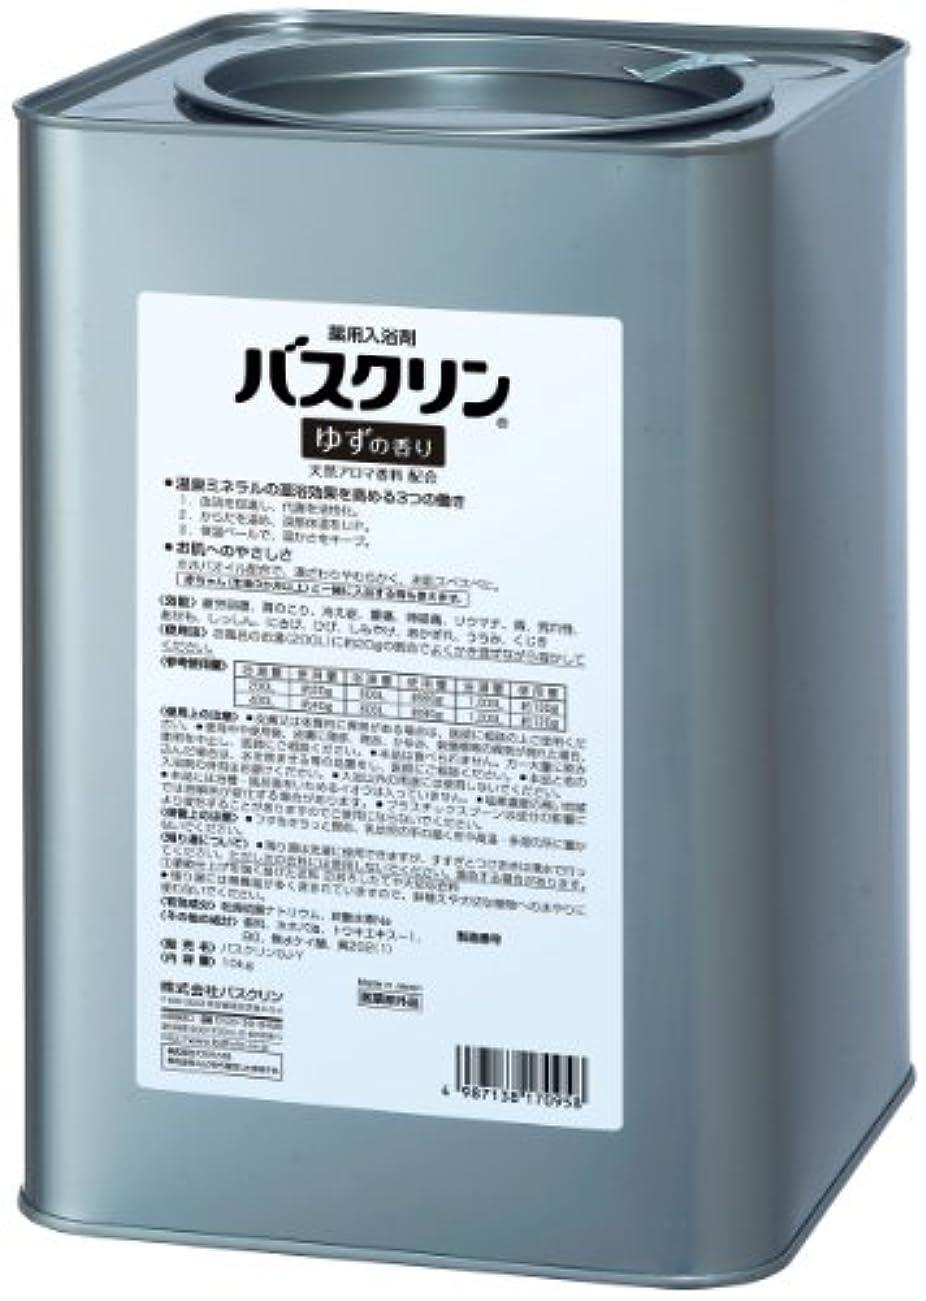 クラッチ発行咲く【業務用】バスクリン ゆず 10kg 入浴剤